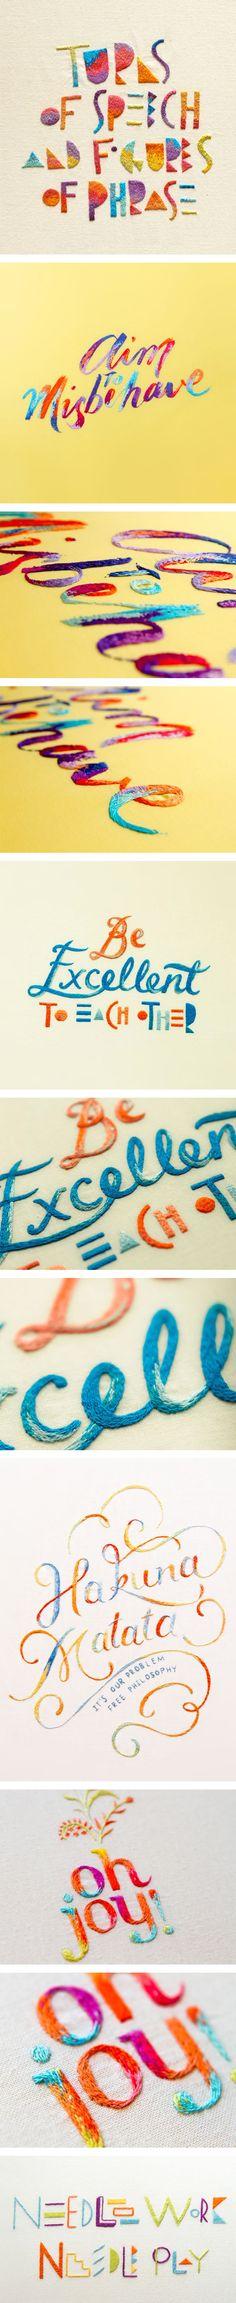 Typographie et broderie par Maricor et Maricar Manalo